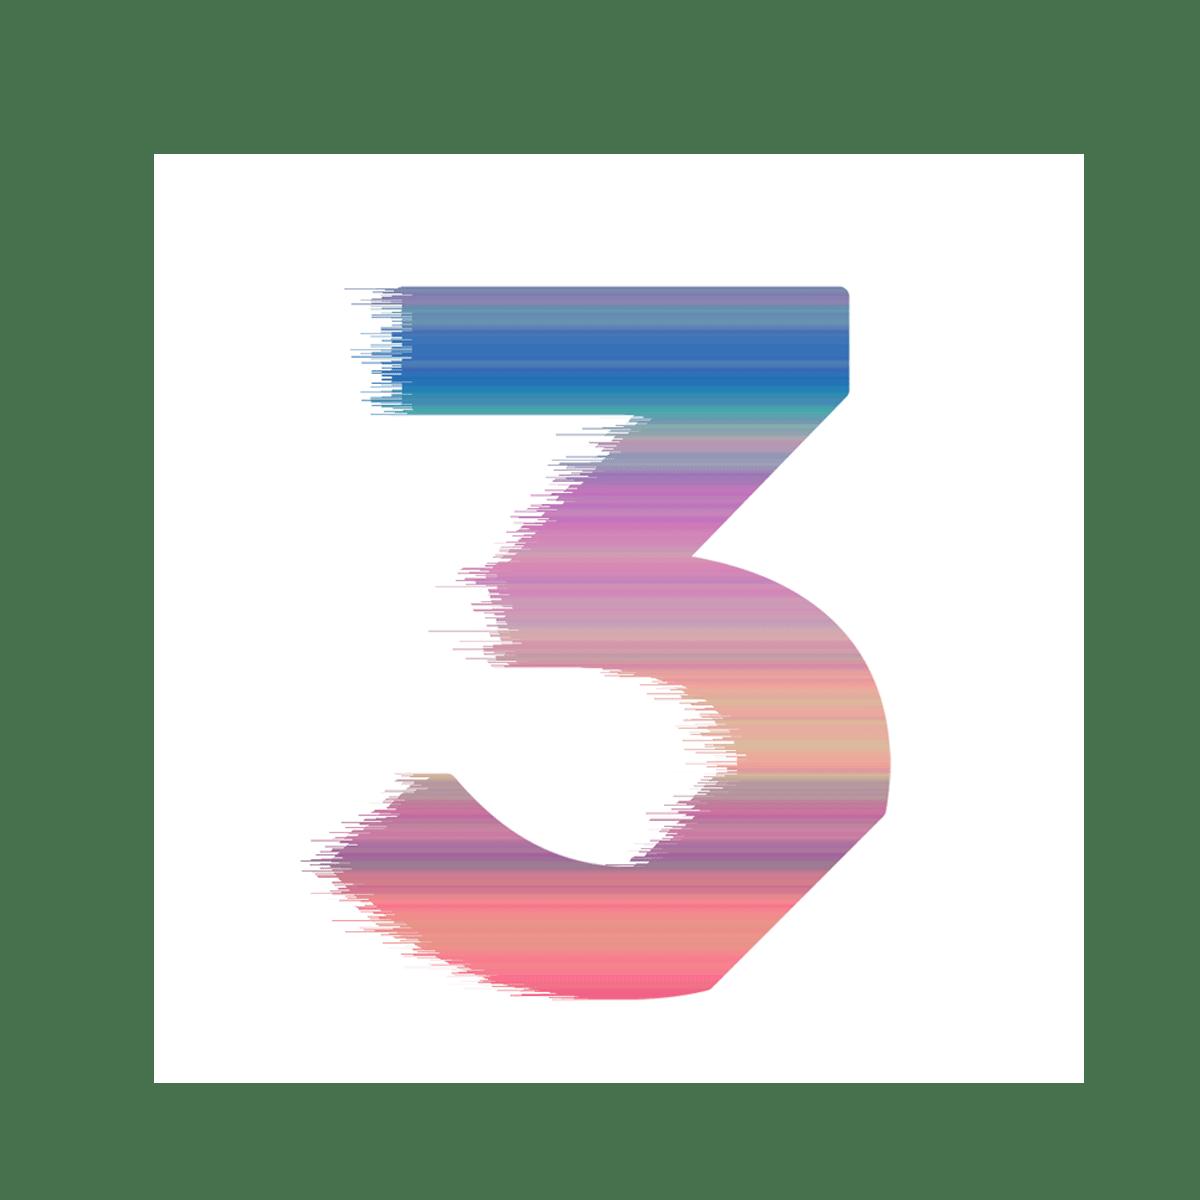 Chance 3 Sticker Square Multicolor Chance The Rapper